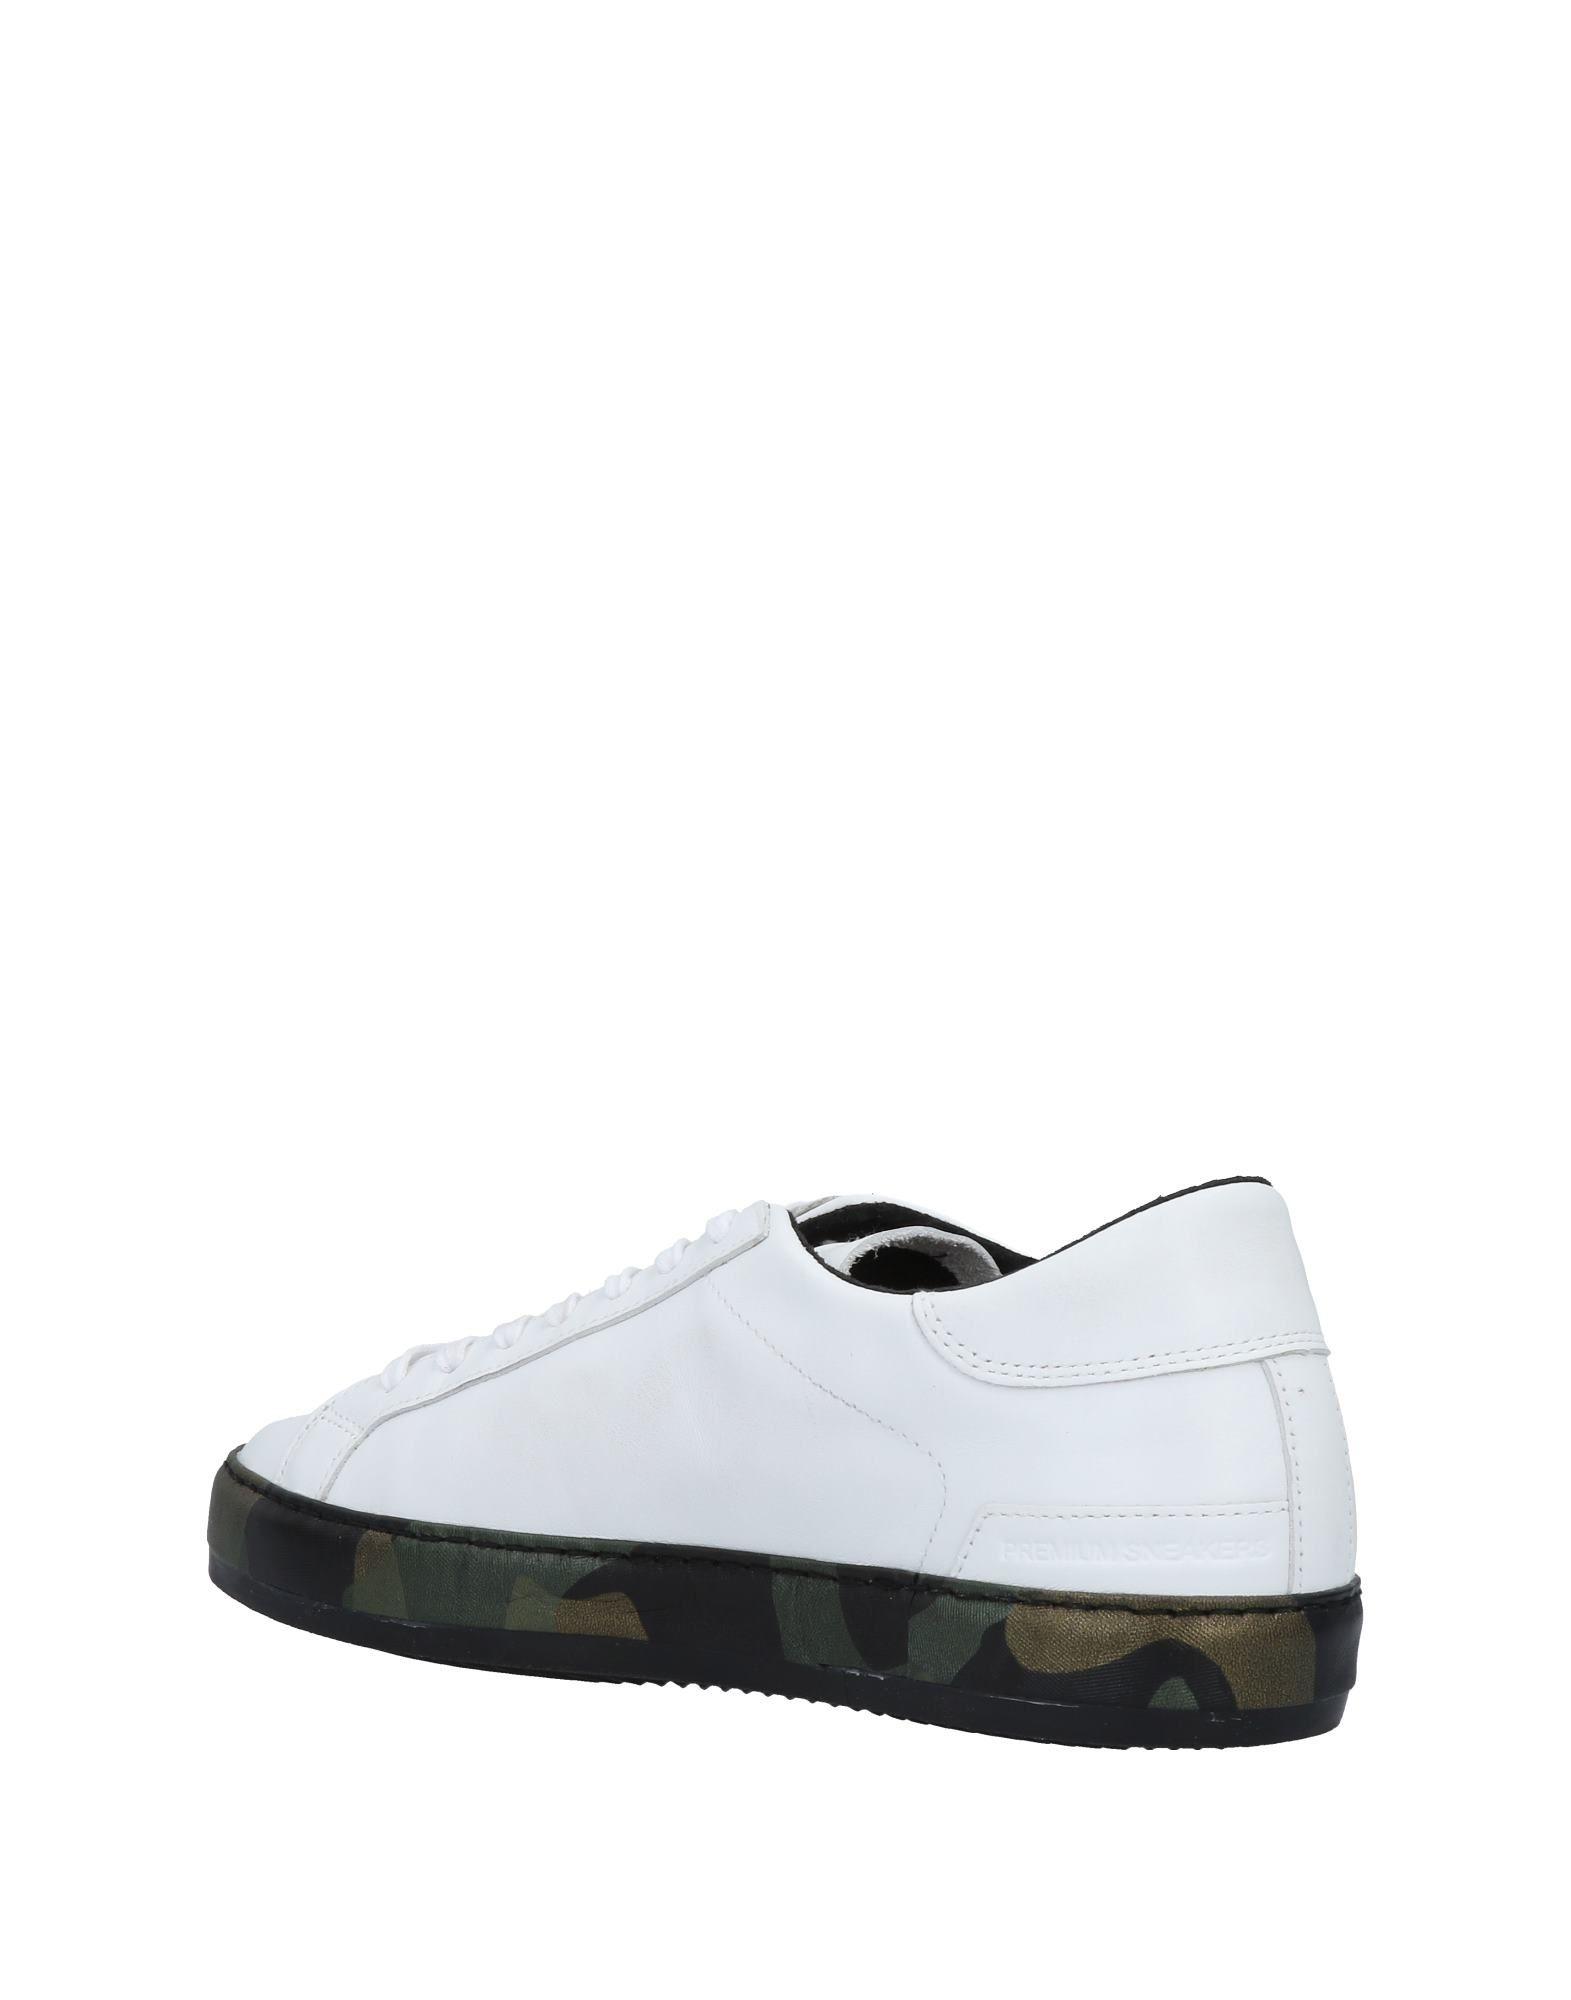 Rabatt echte Schuhe 11492456NO D.A.T.E. Sneakers Herren  11492456NO Schuhe dd9042